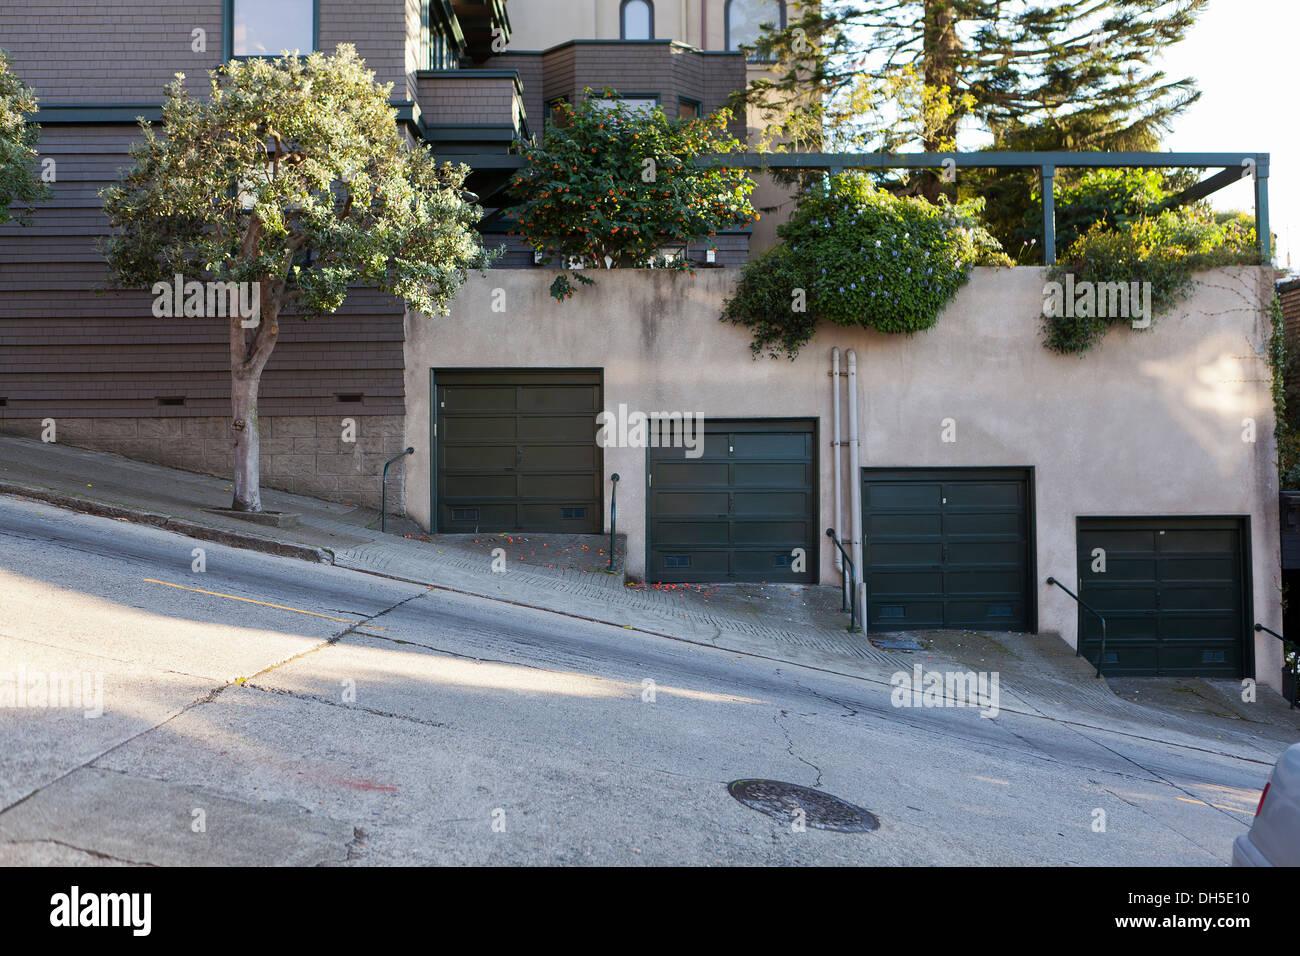 Garagentore In Steilen Grade Wohnstraße   San Francisco, Kalifornien, USA  Stockbild